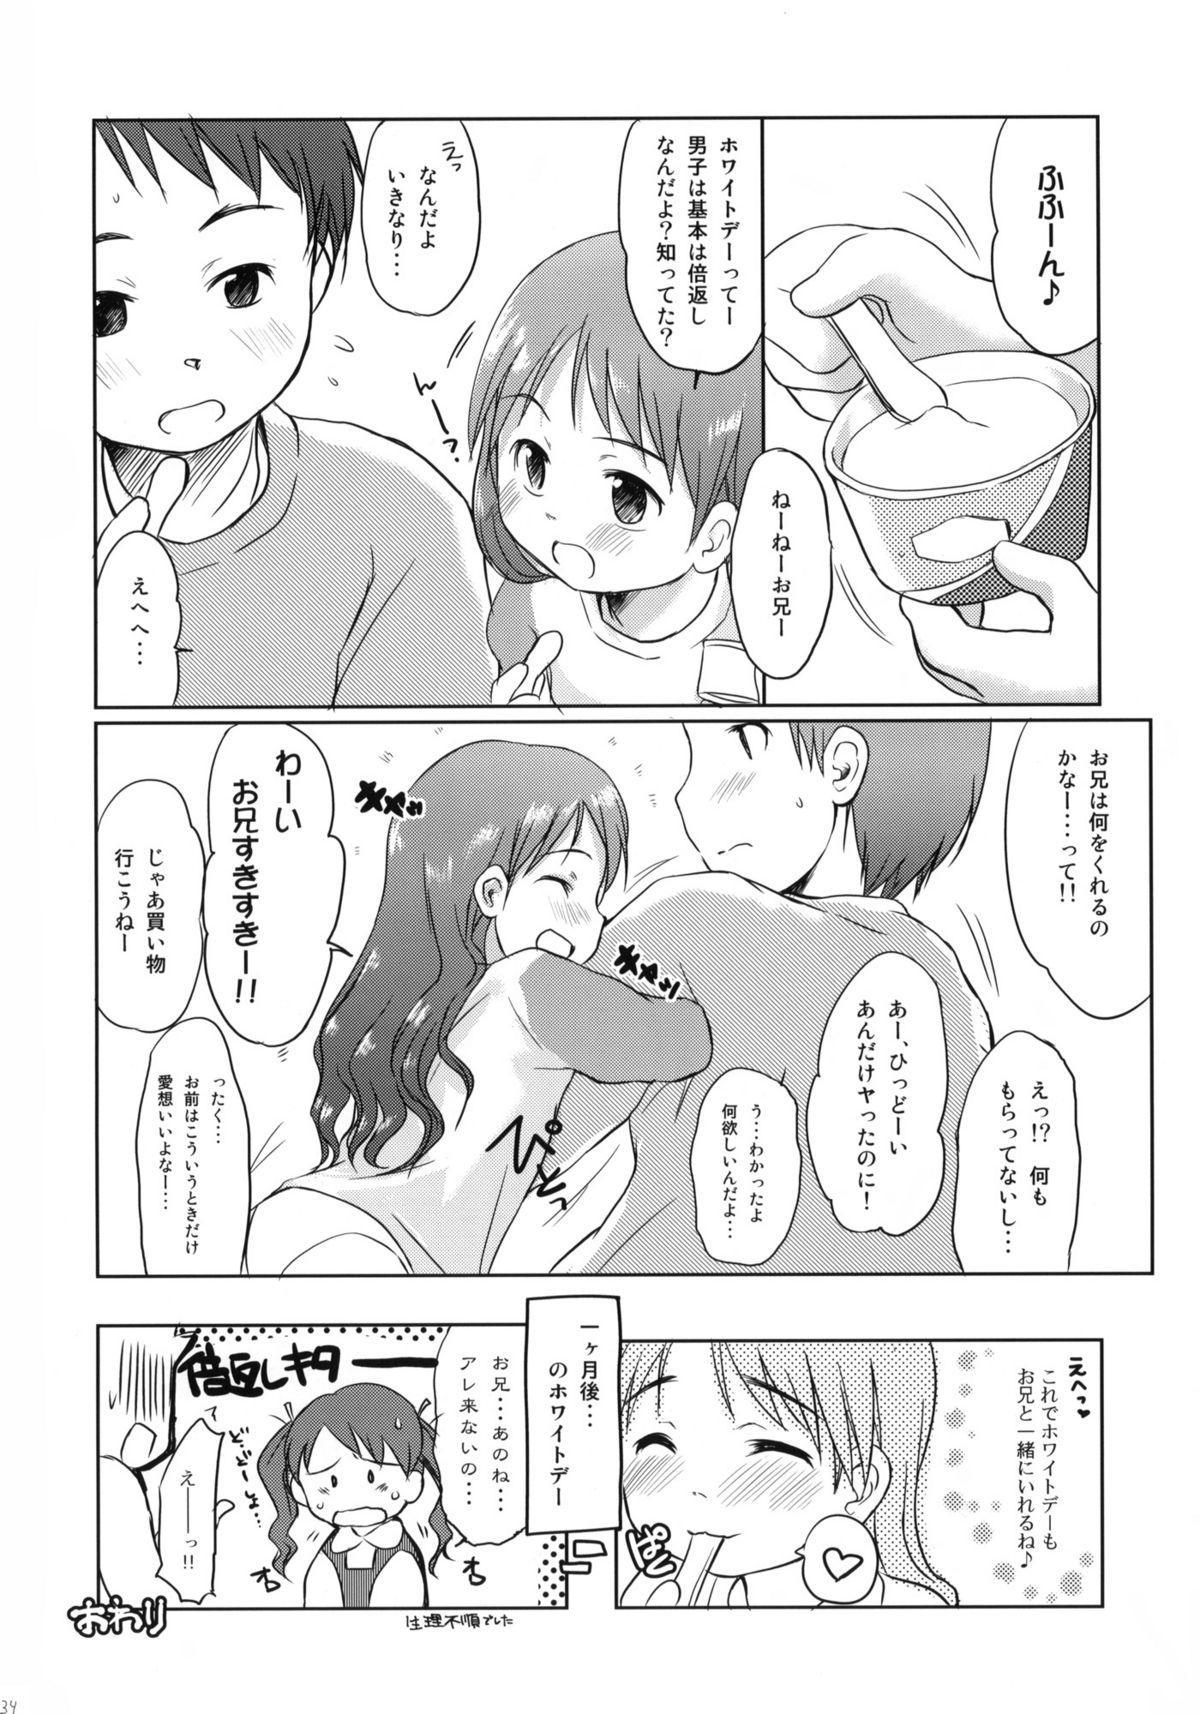 Imouto wa Minna Onii-chan ga Suki! 31